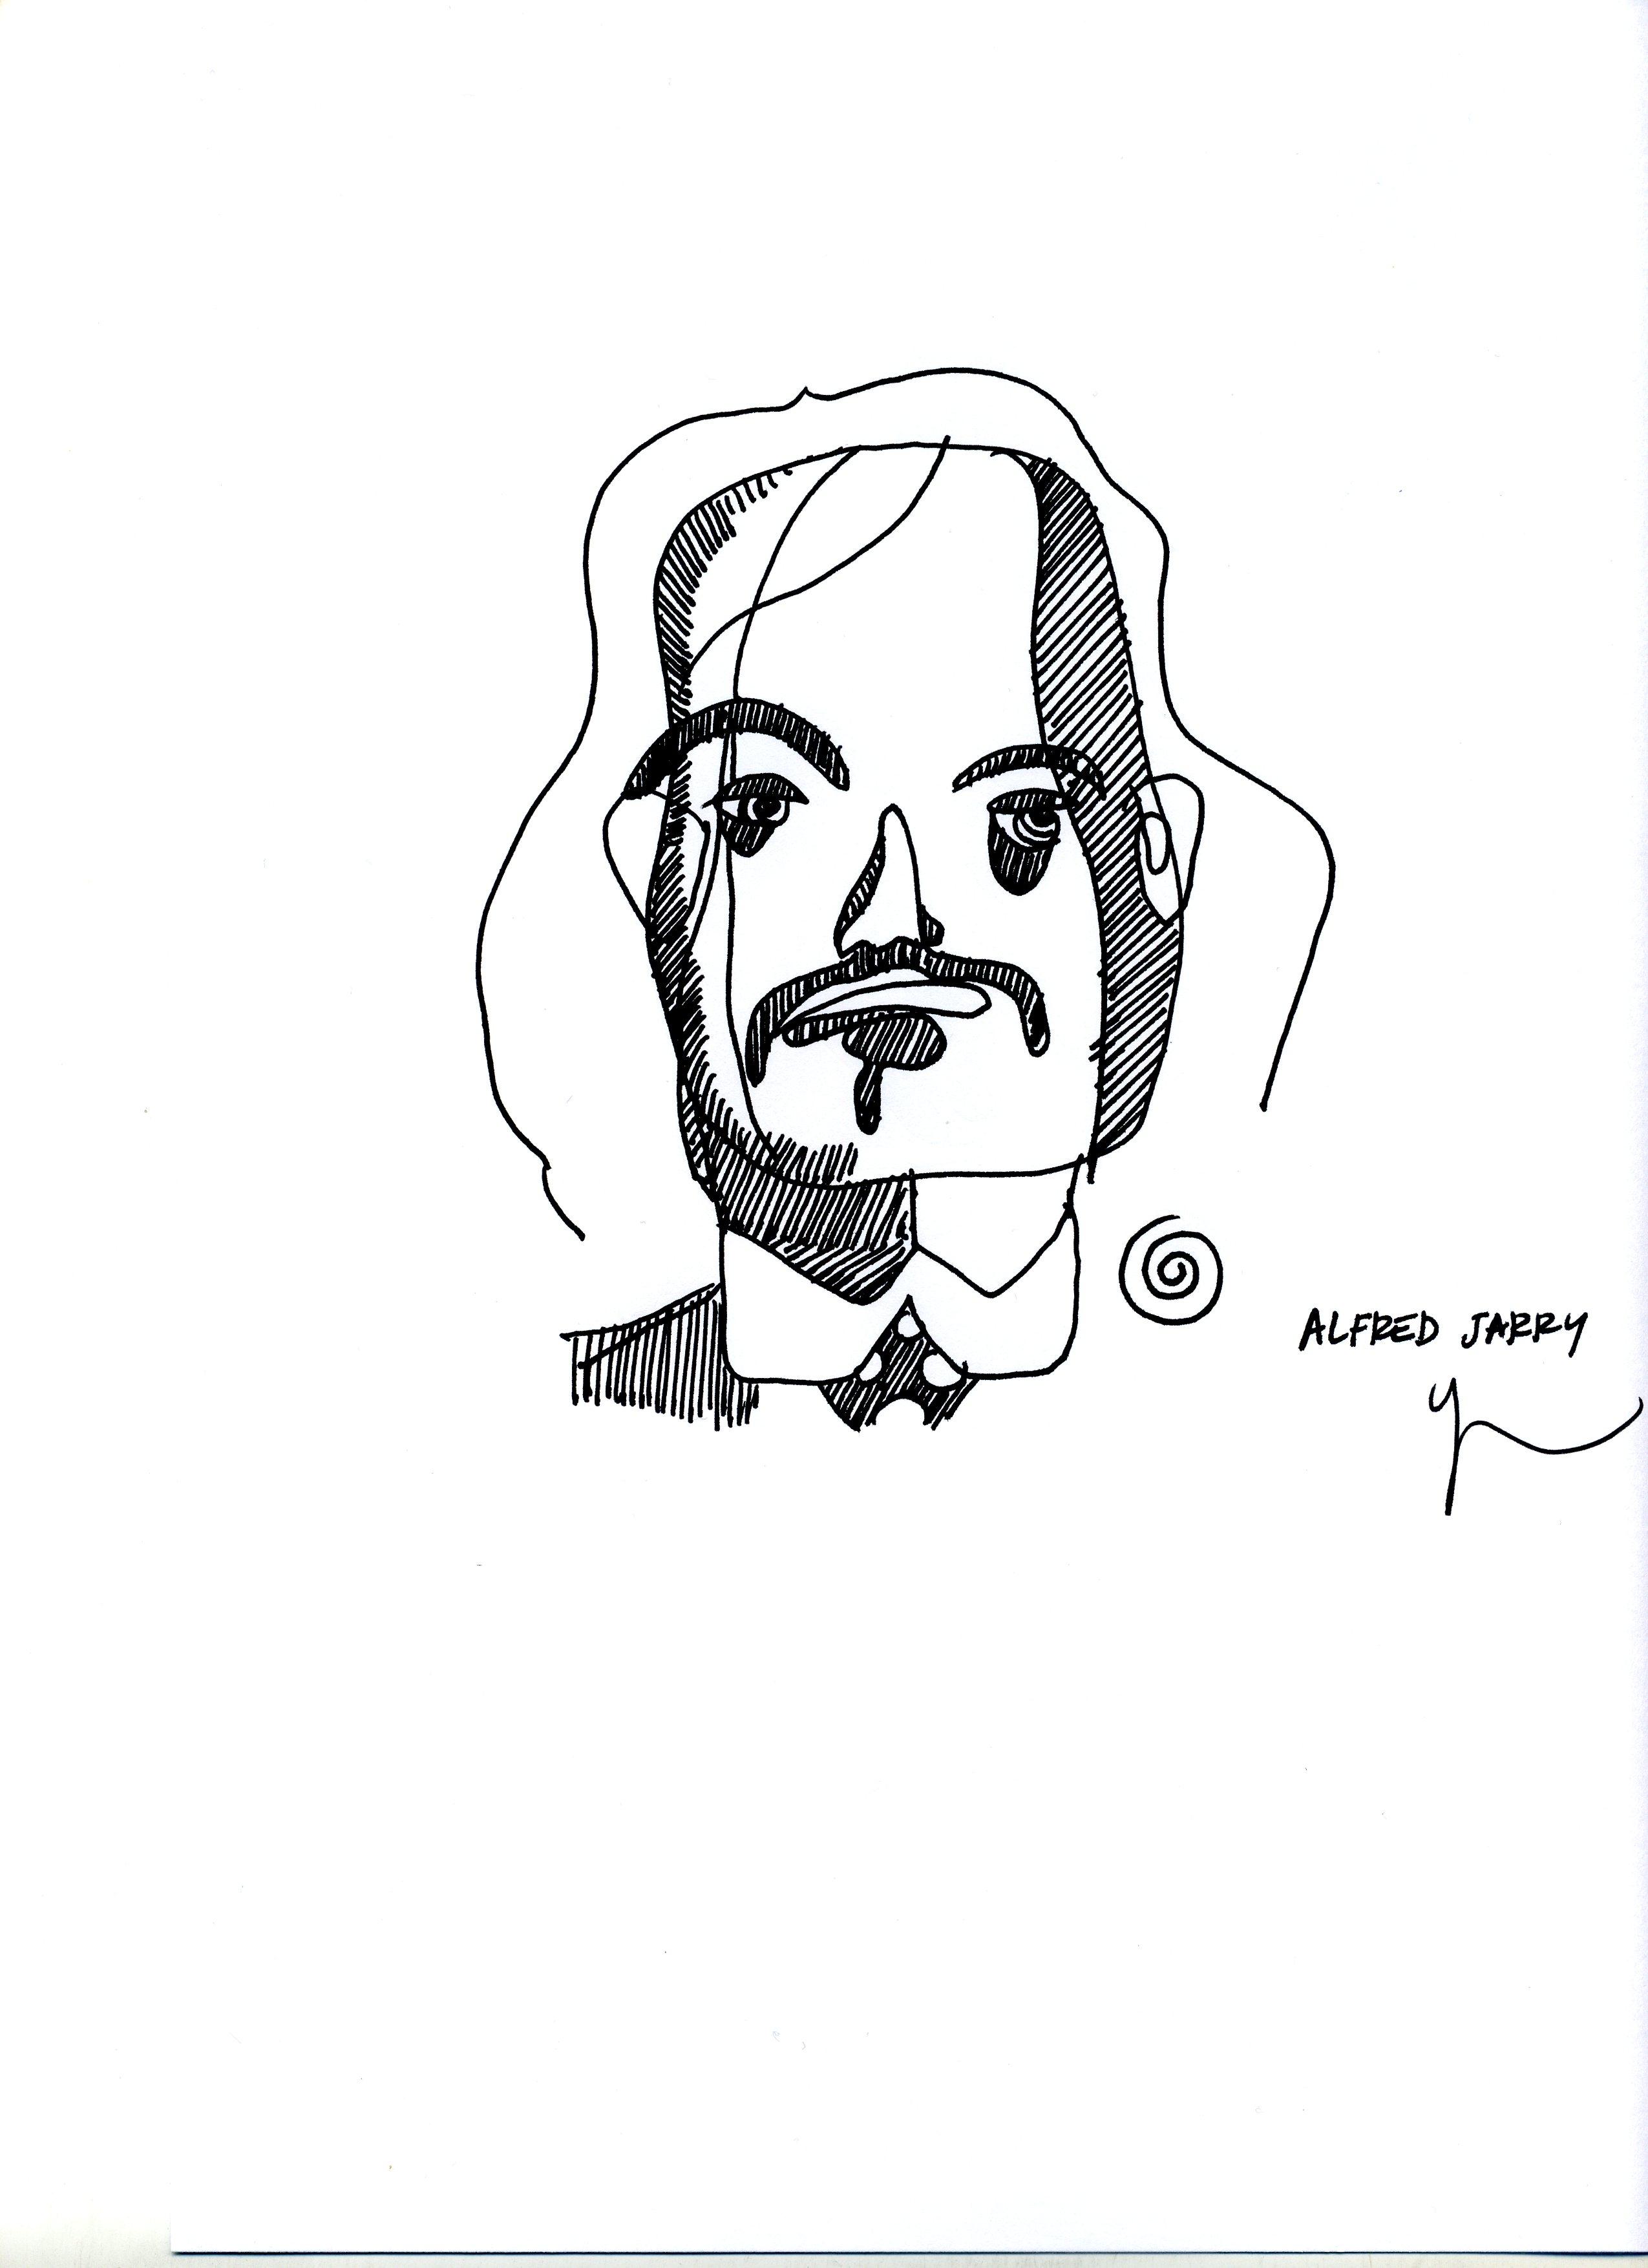 Portrait d'Alfred Jarry dessiné par Yann Moix